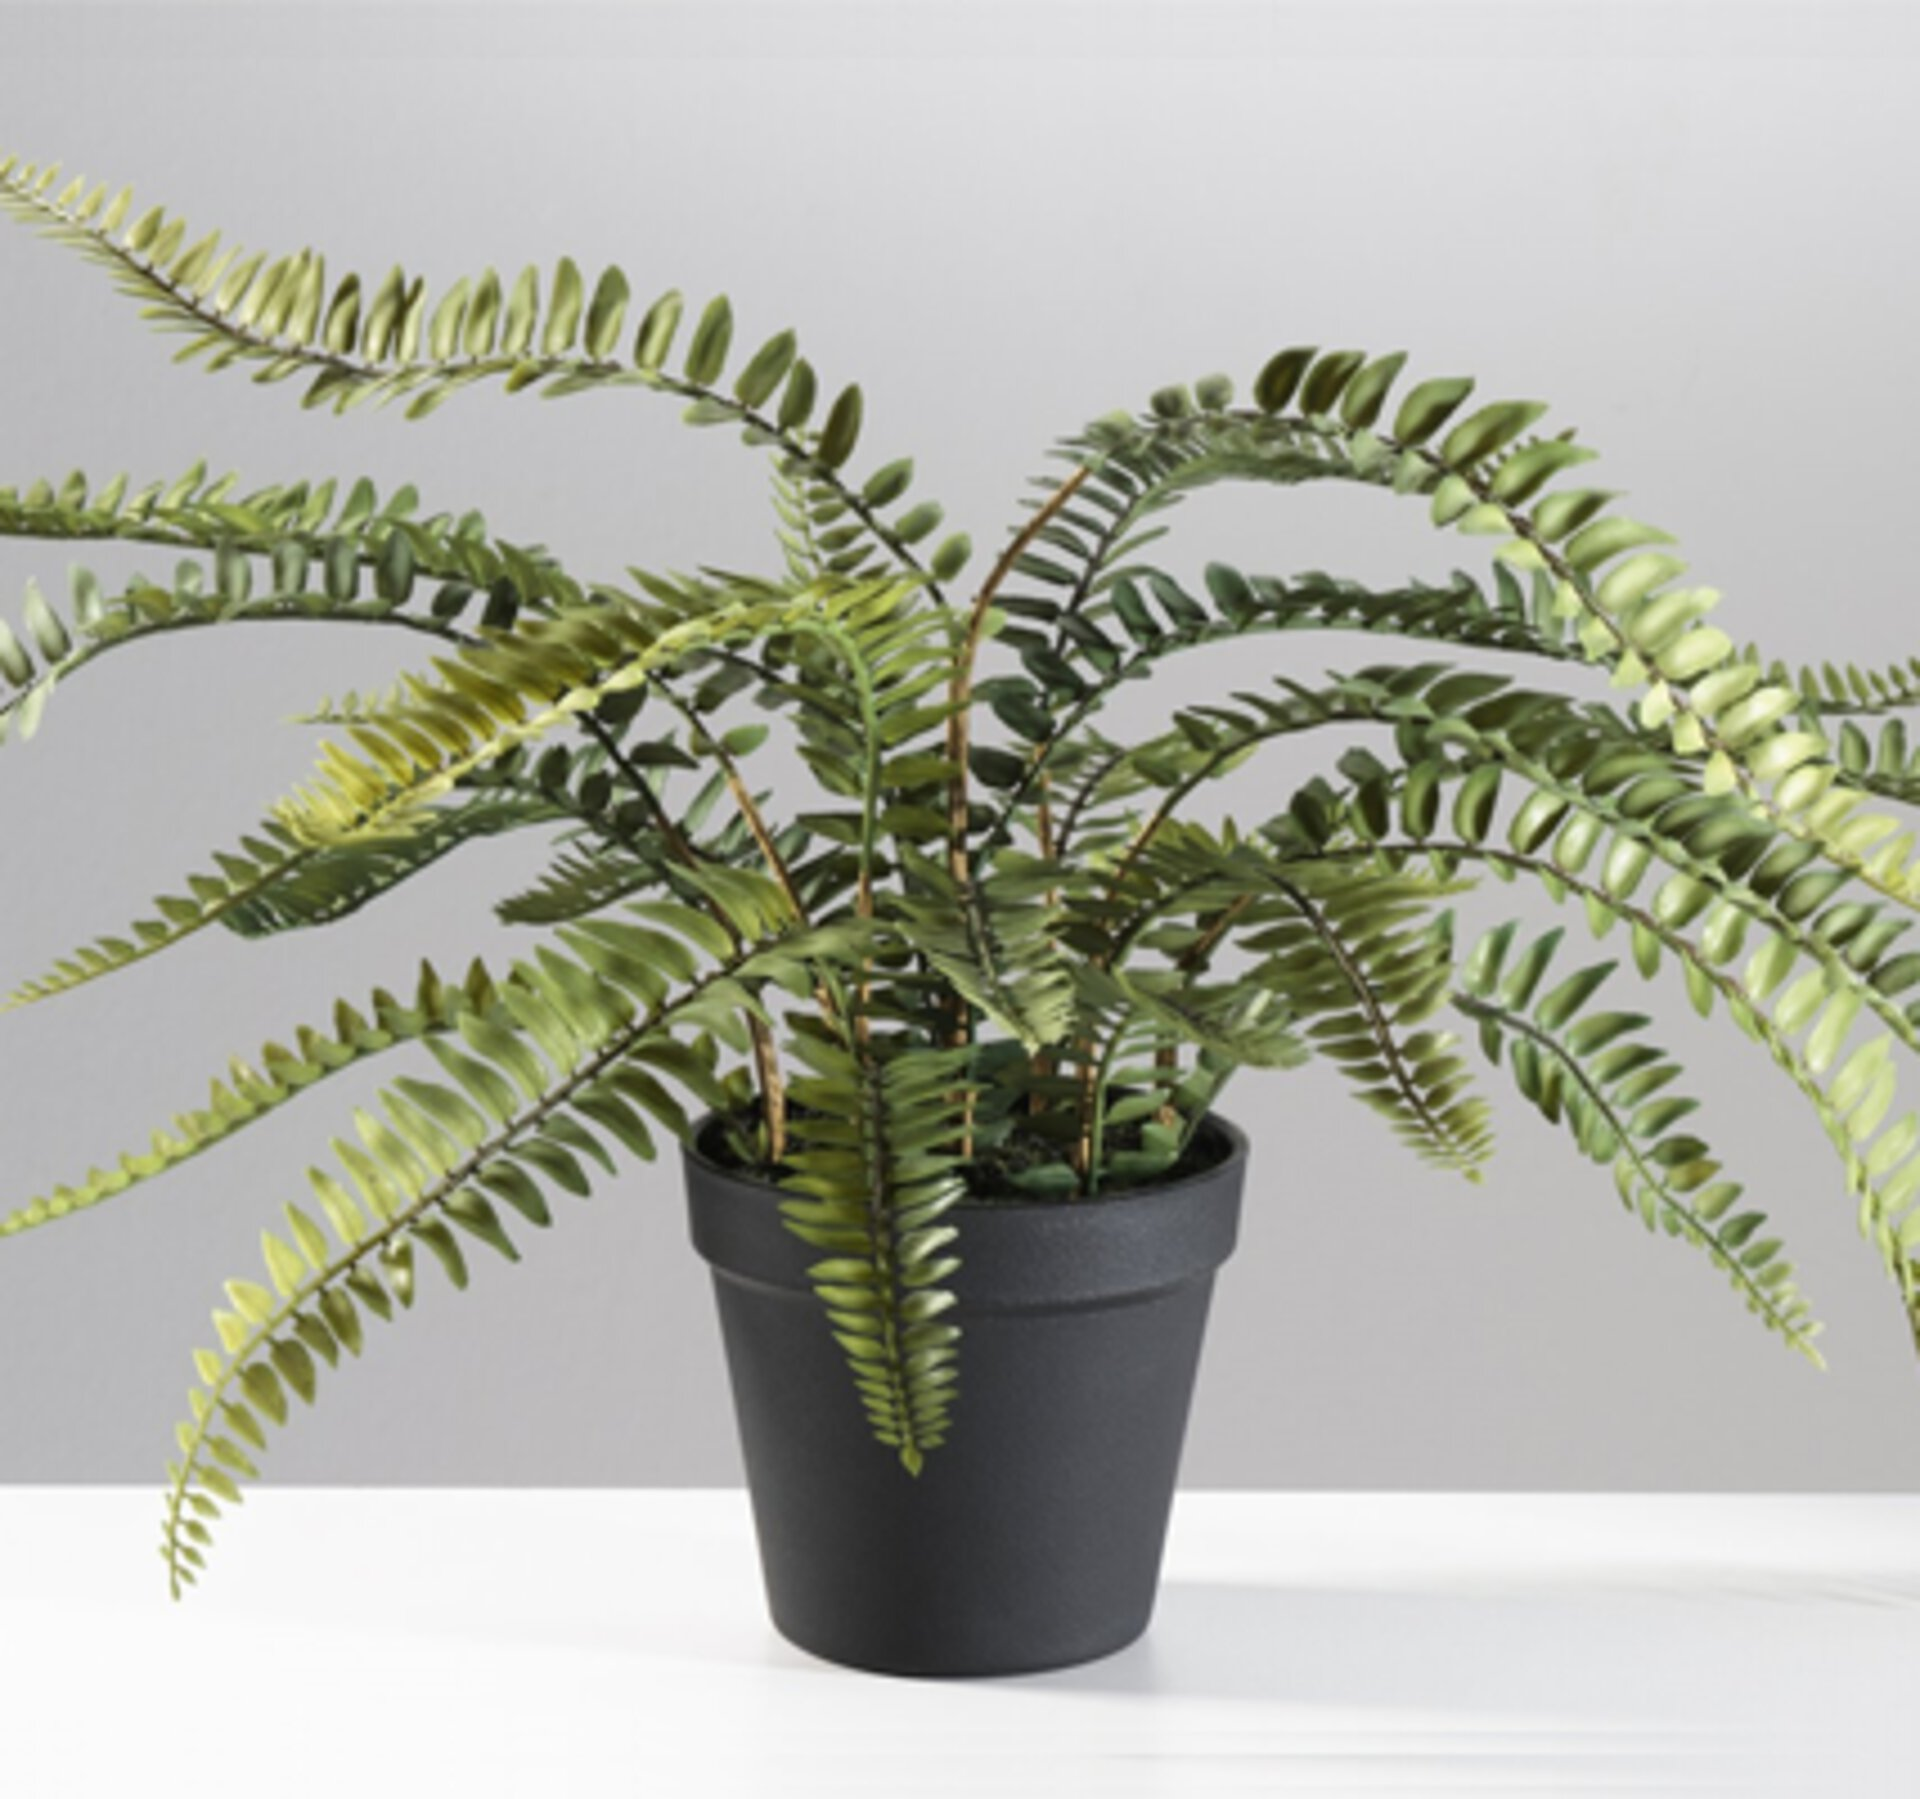 Kunstpflanze in Farn-Optik